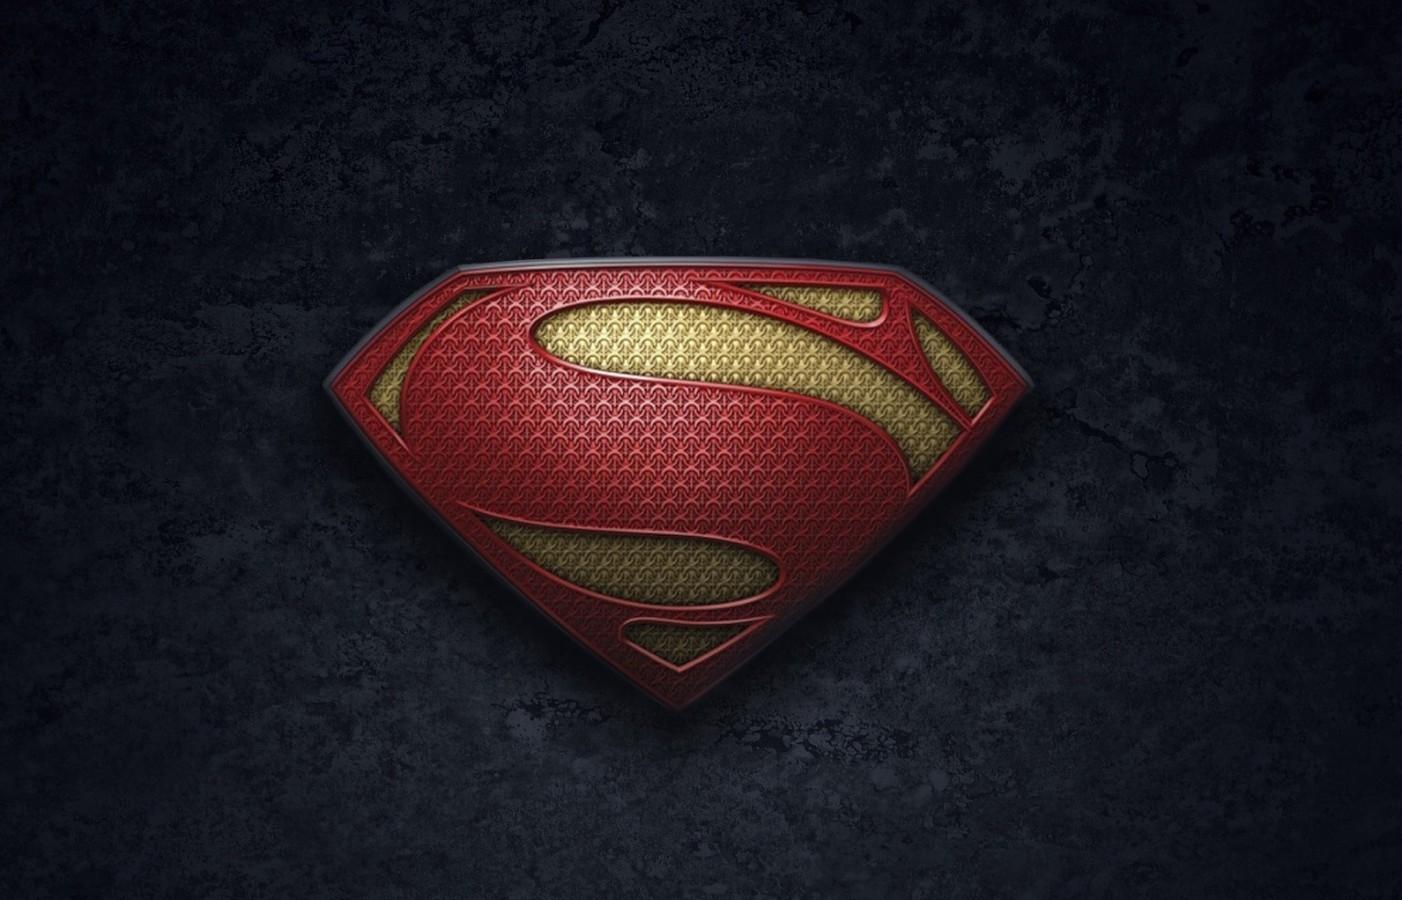 <span style='color:#B00000  ;font-size:14px;'>Filmul săptămânii</span> <br> Man of Steel</p>